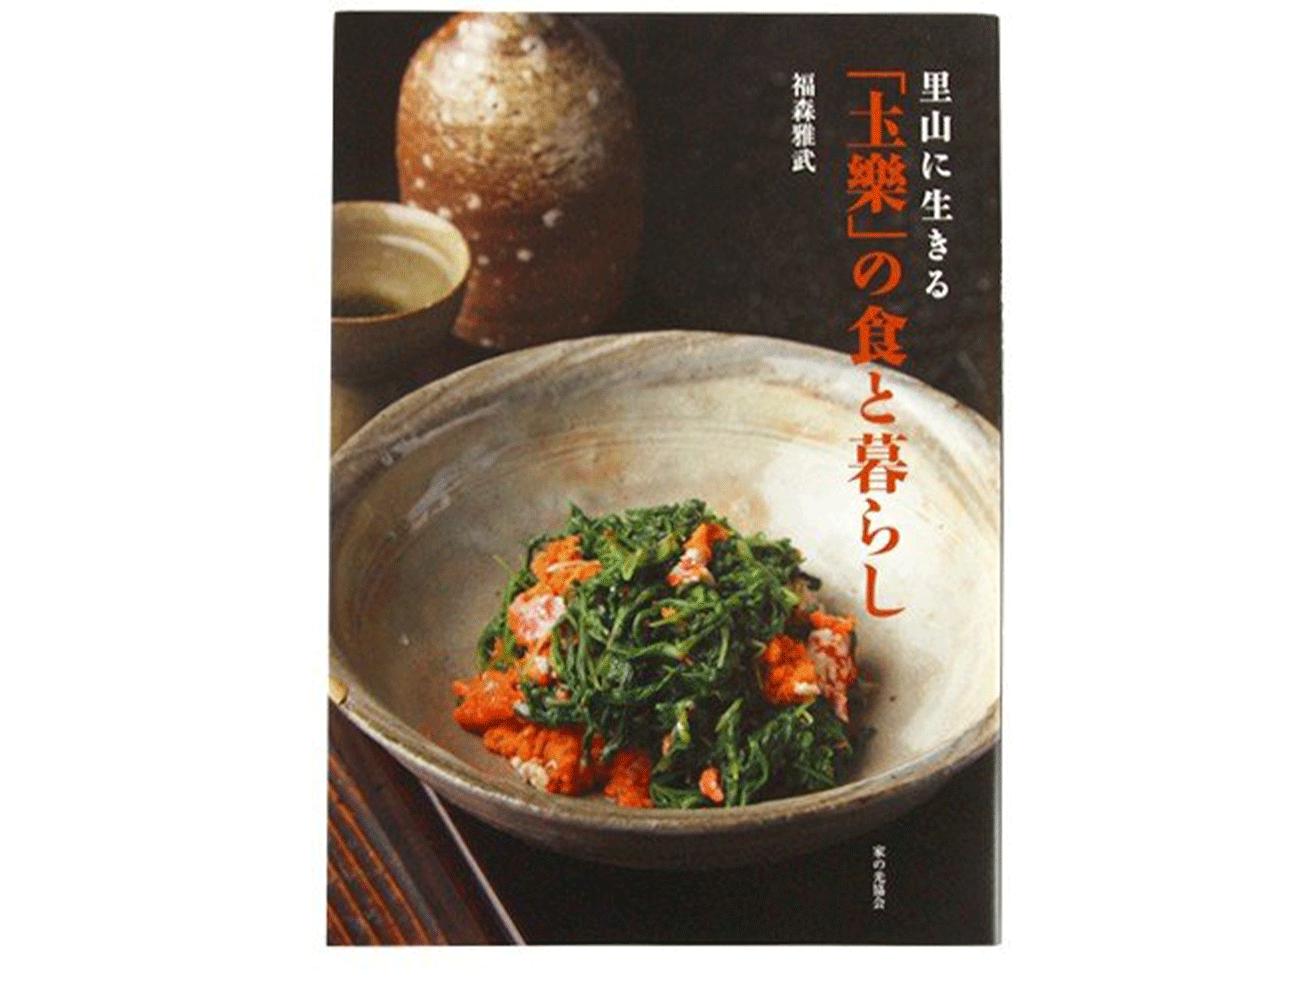 &#x5721;楽の食と暮らし〜里山に生きる〜<p>福森雅武著</p>